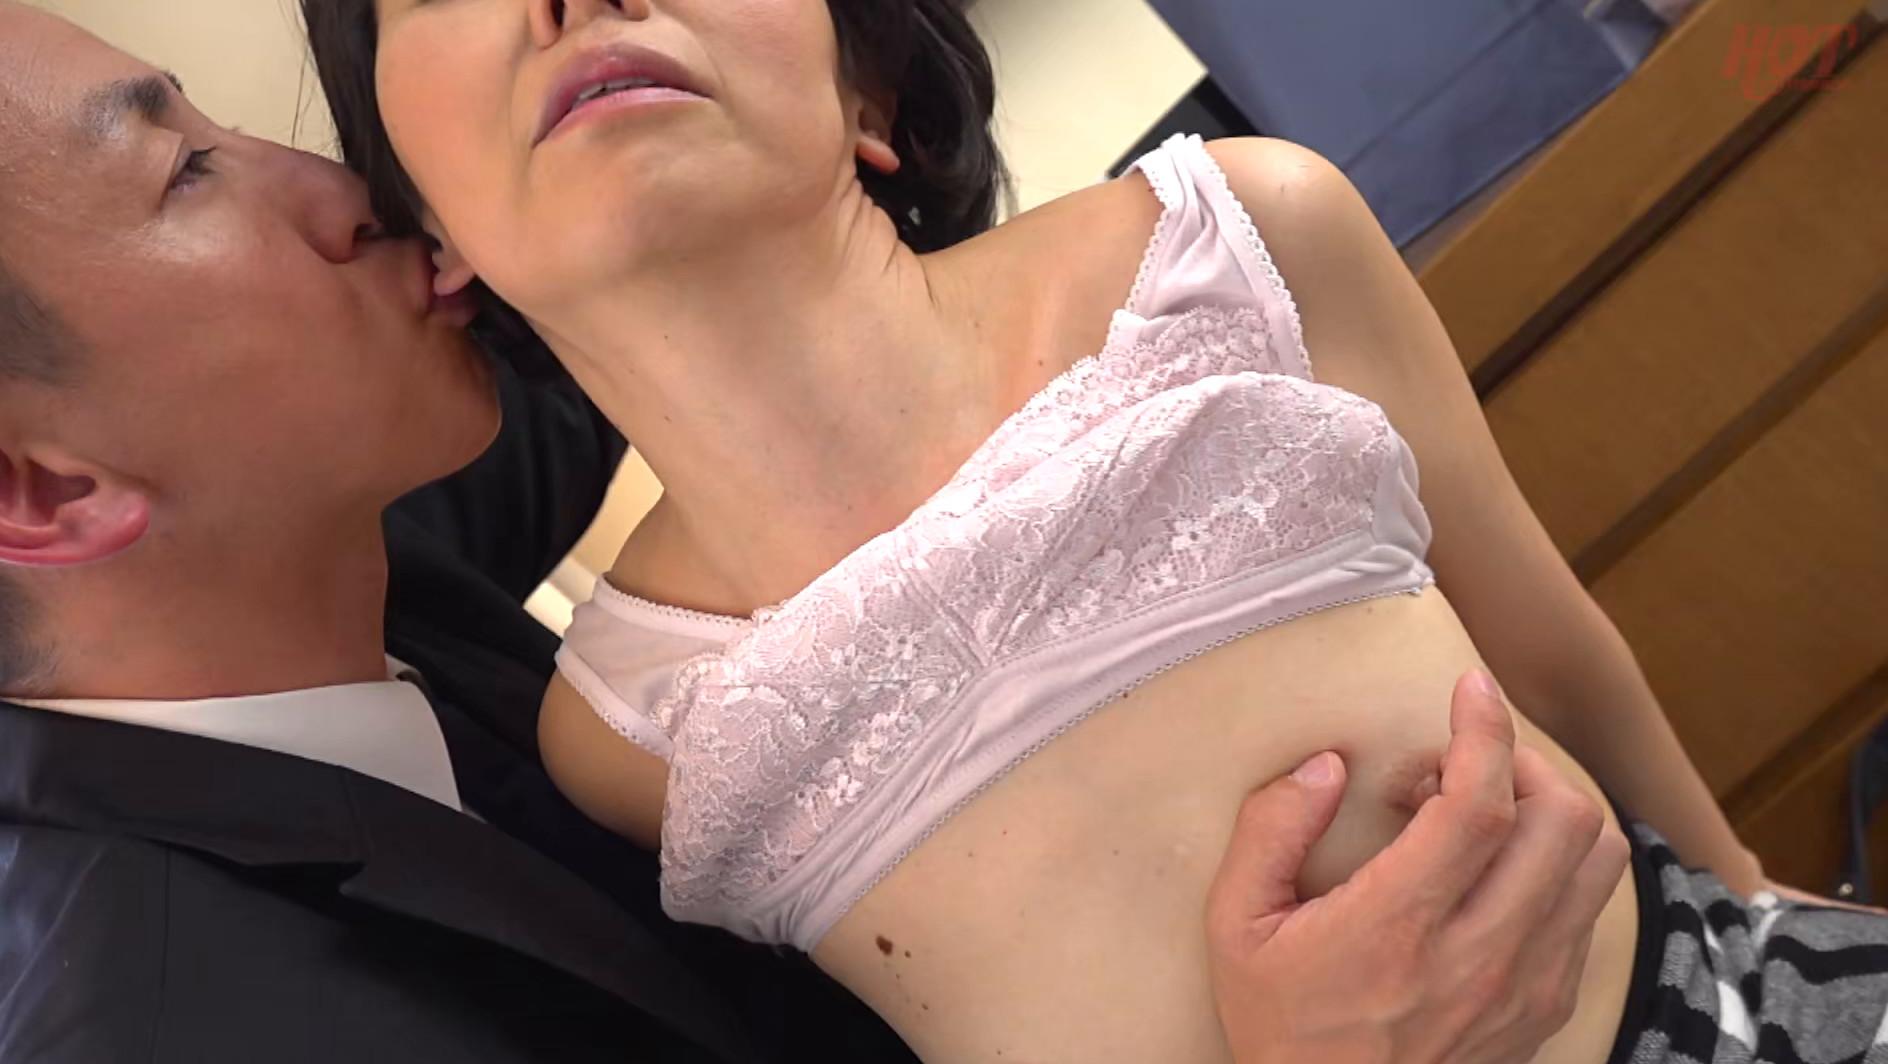 素敵な婦人 息子に会いに上京したはずなのに・・・イケメンナンパ師のテクにメロメロ 光代さん49歳 画像12